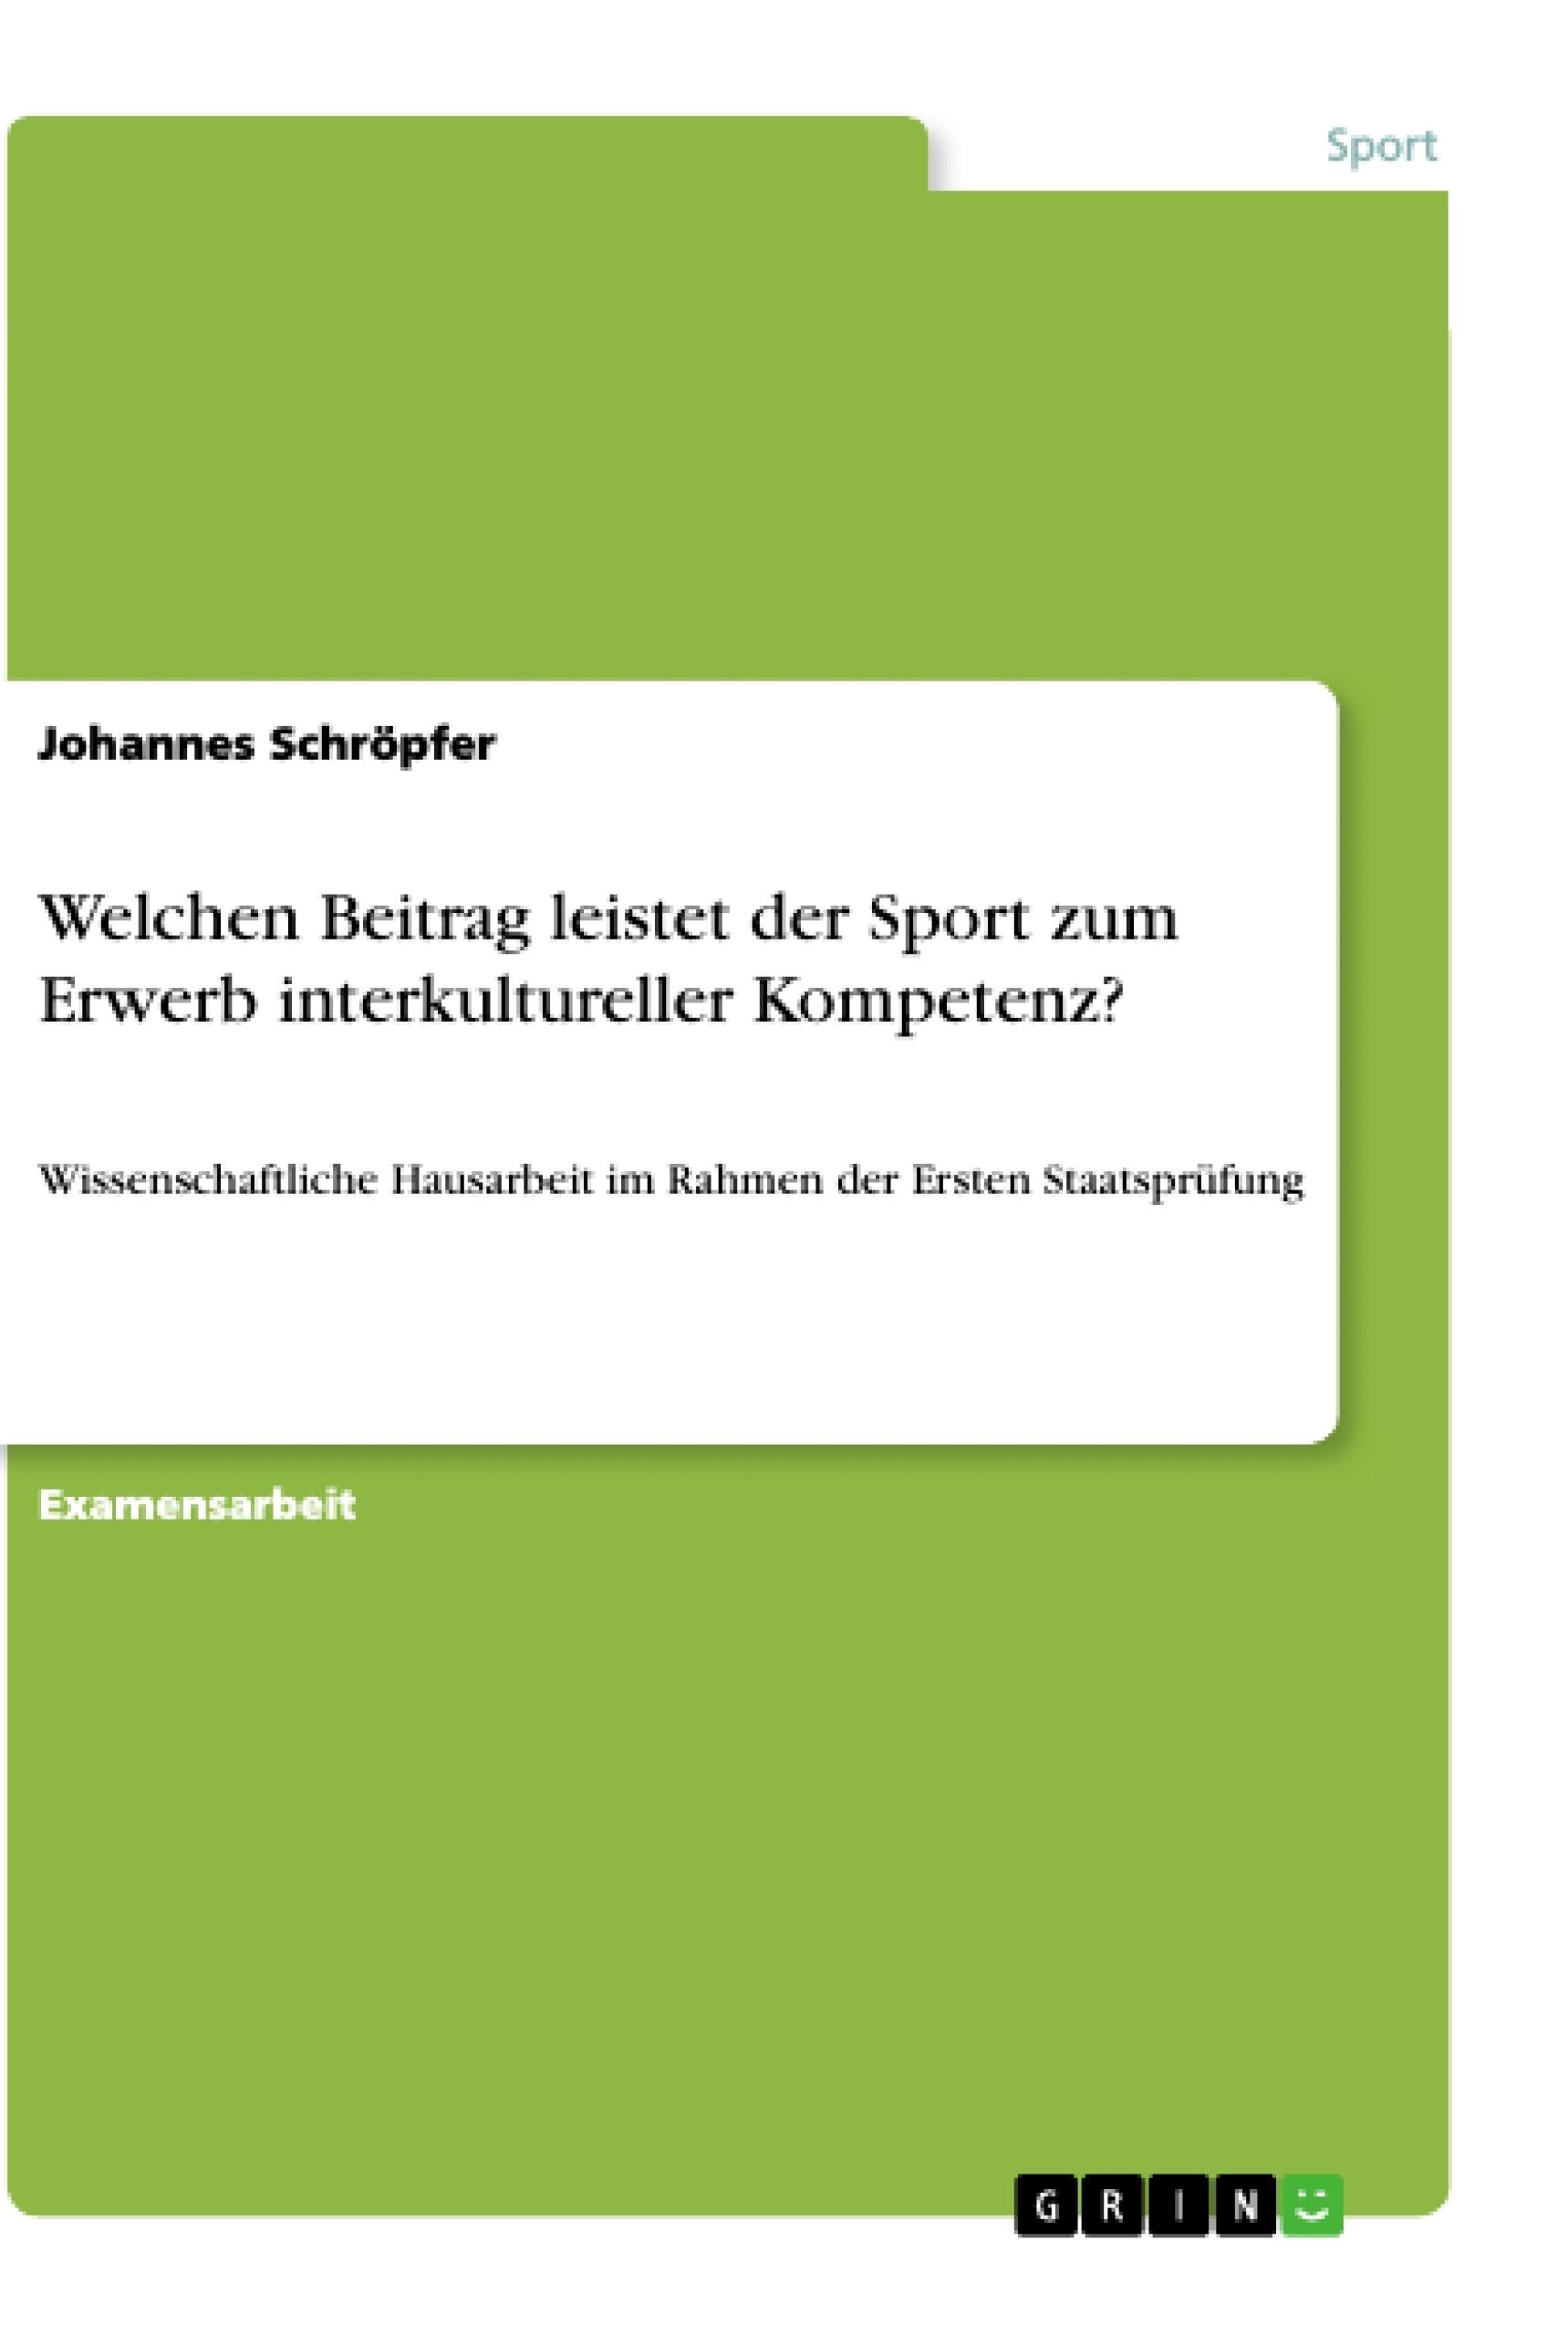 Titel: Welchen Beitrag leistet der Sport zum Erwerb interkultureller Kompetenz?